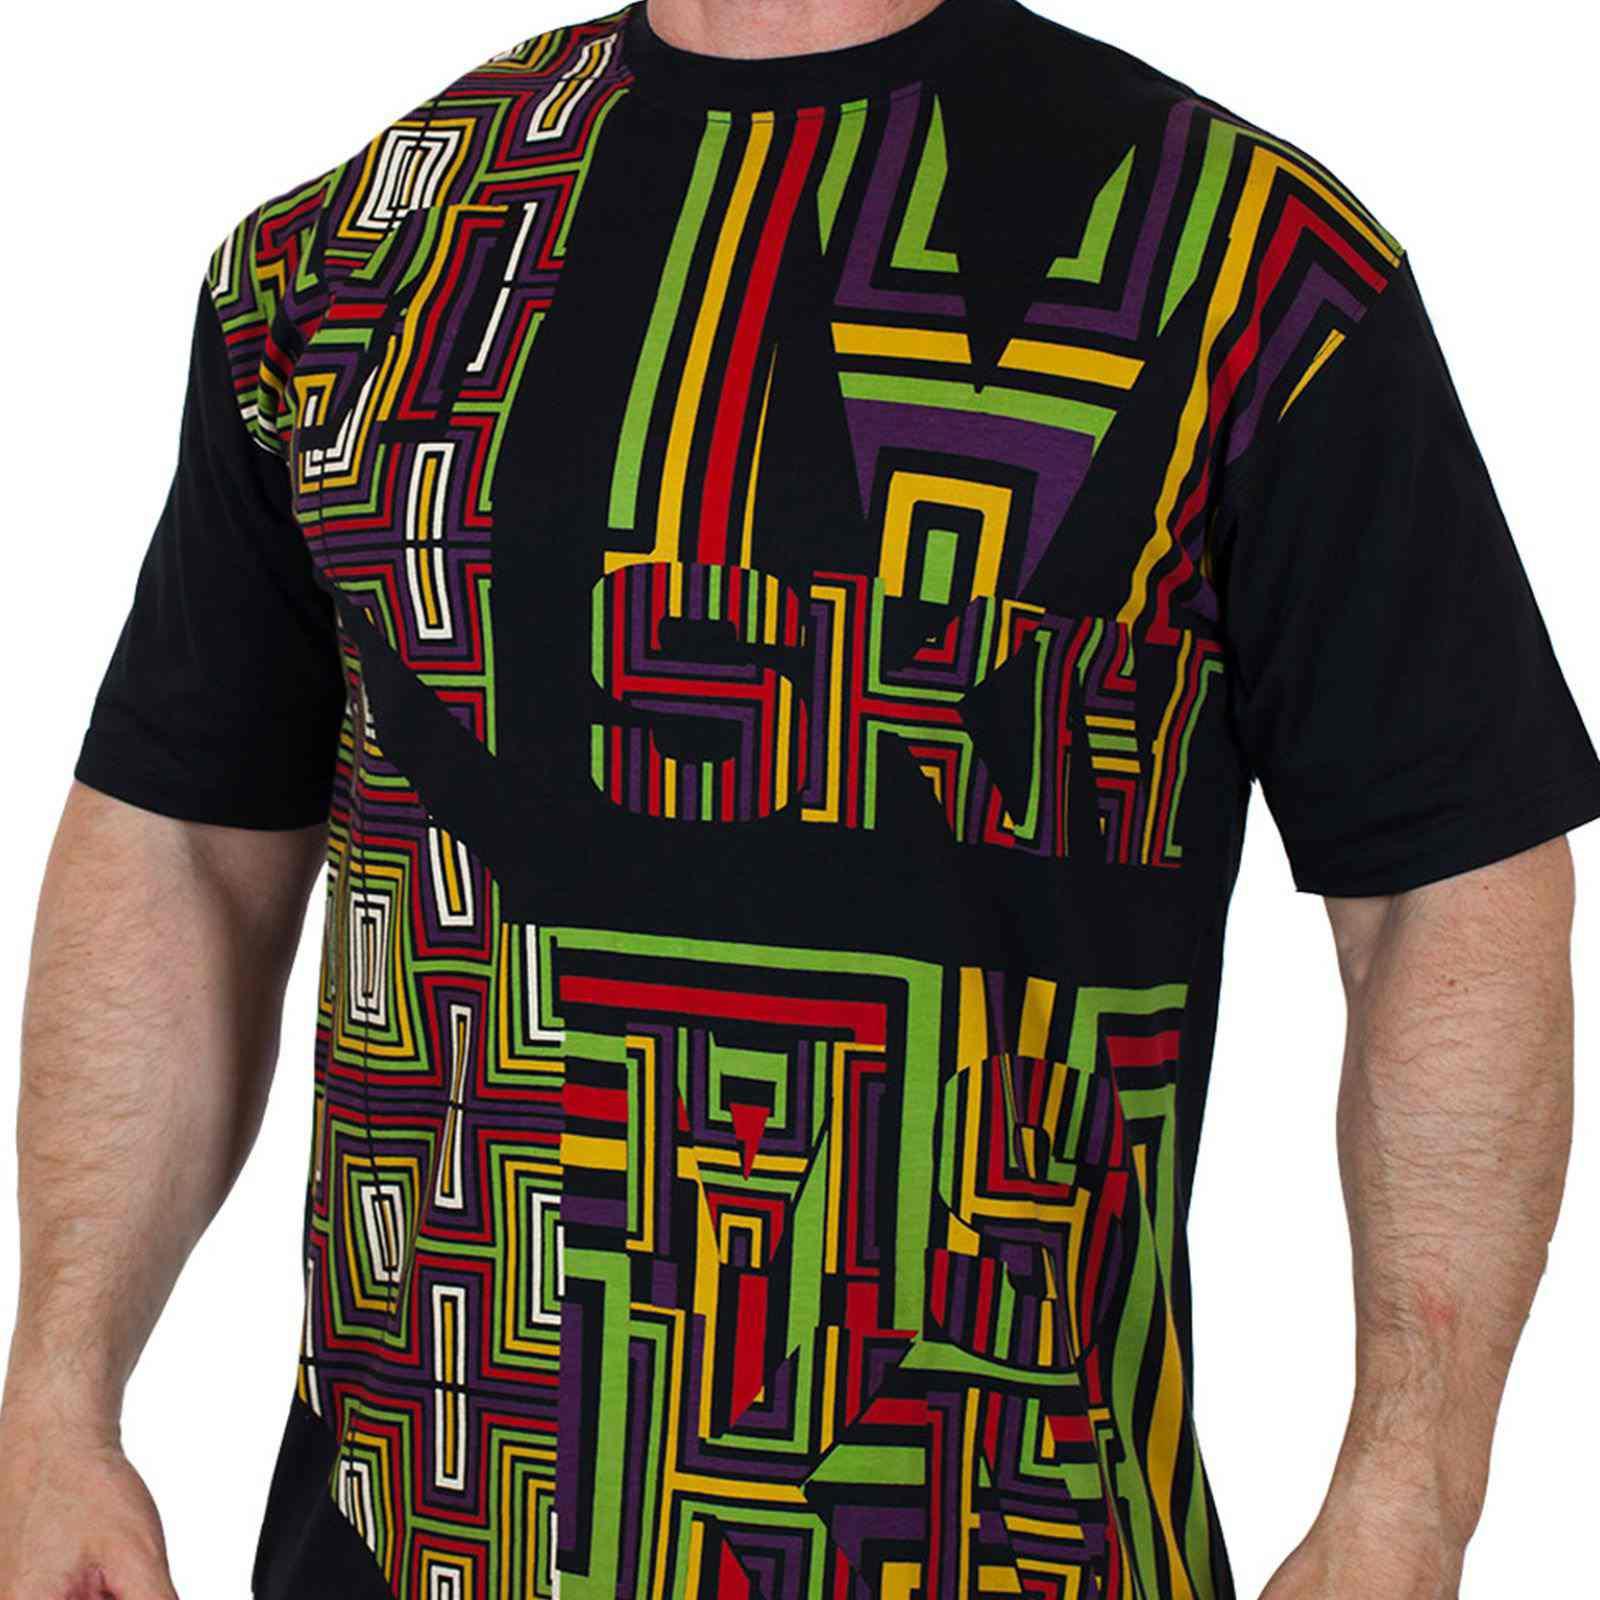 Уникальная дизайнерская футболка от Miskeen Originals